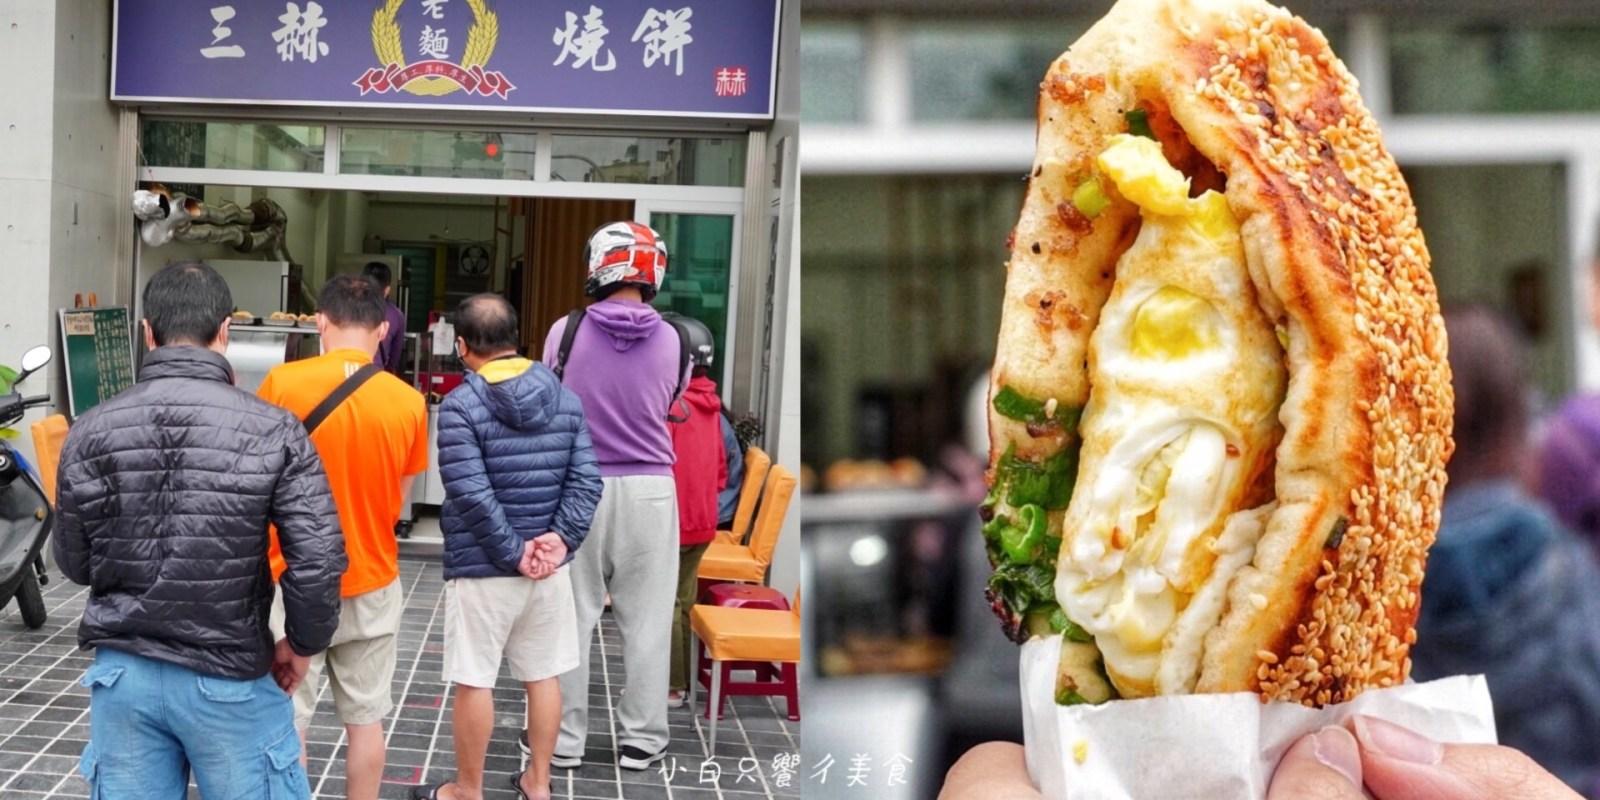 【台南永康區】三赫燒餅 一出爐就被秒殺三赫老麵蔥餅 晚來就吃不到的美味 台南早餐